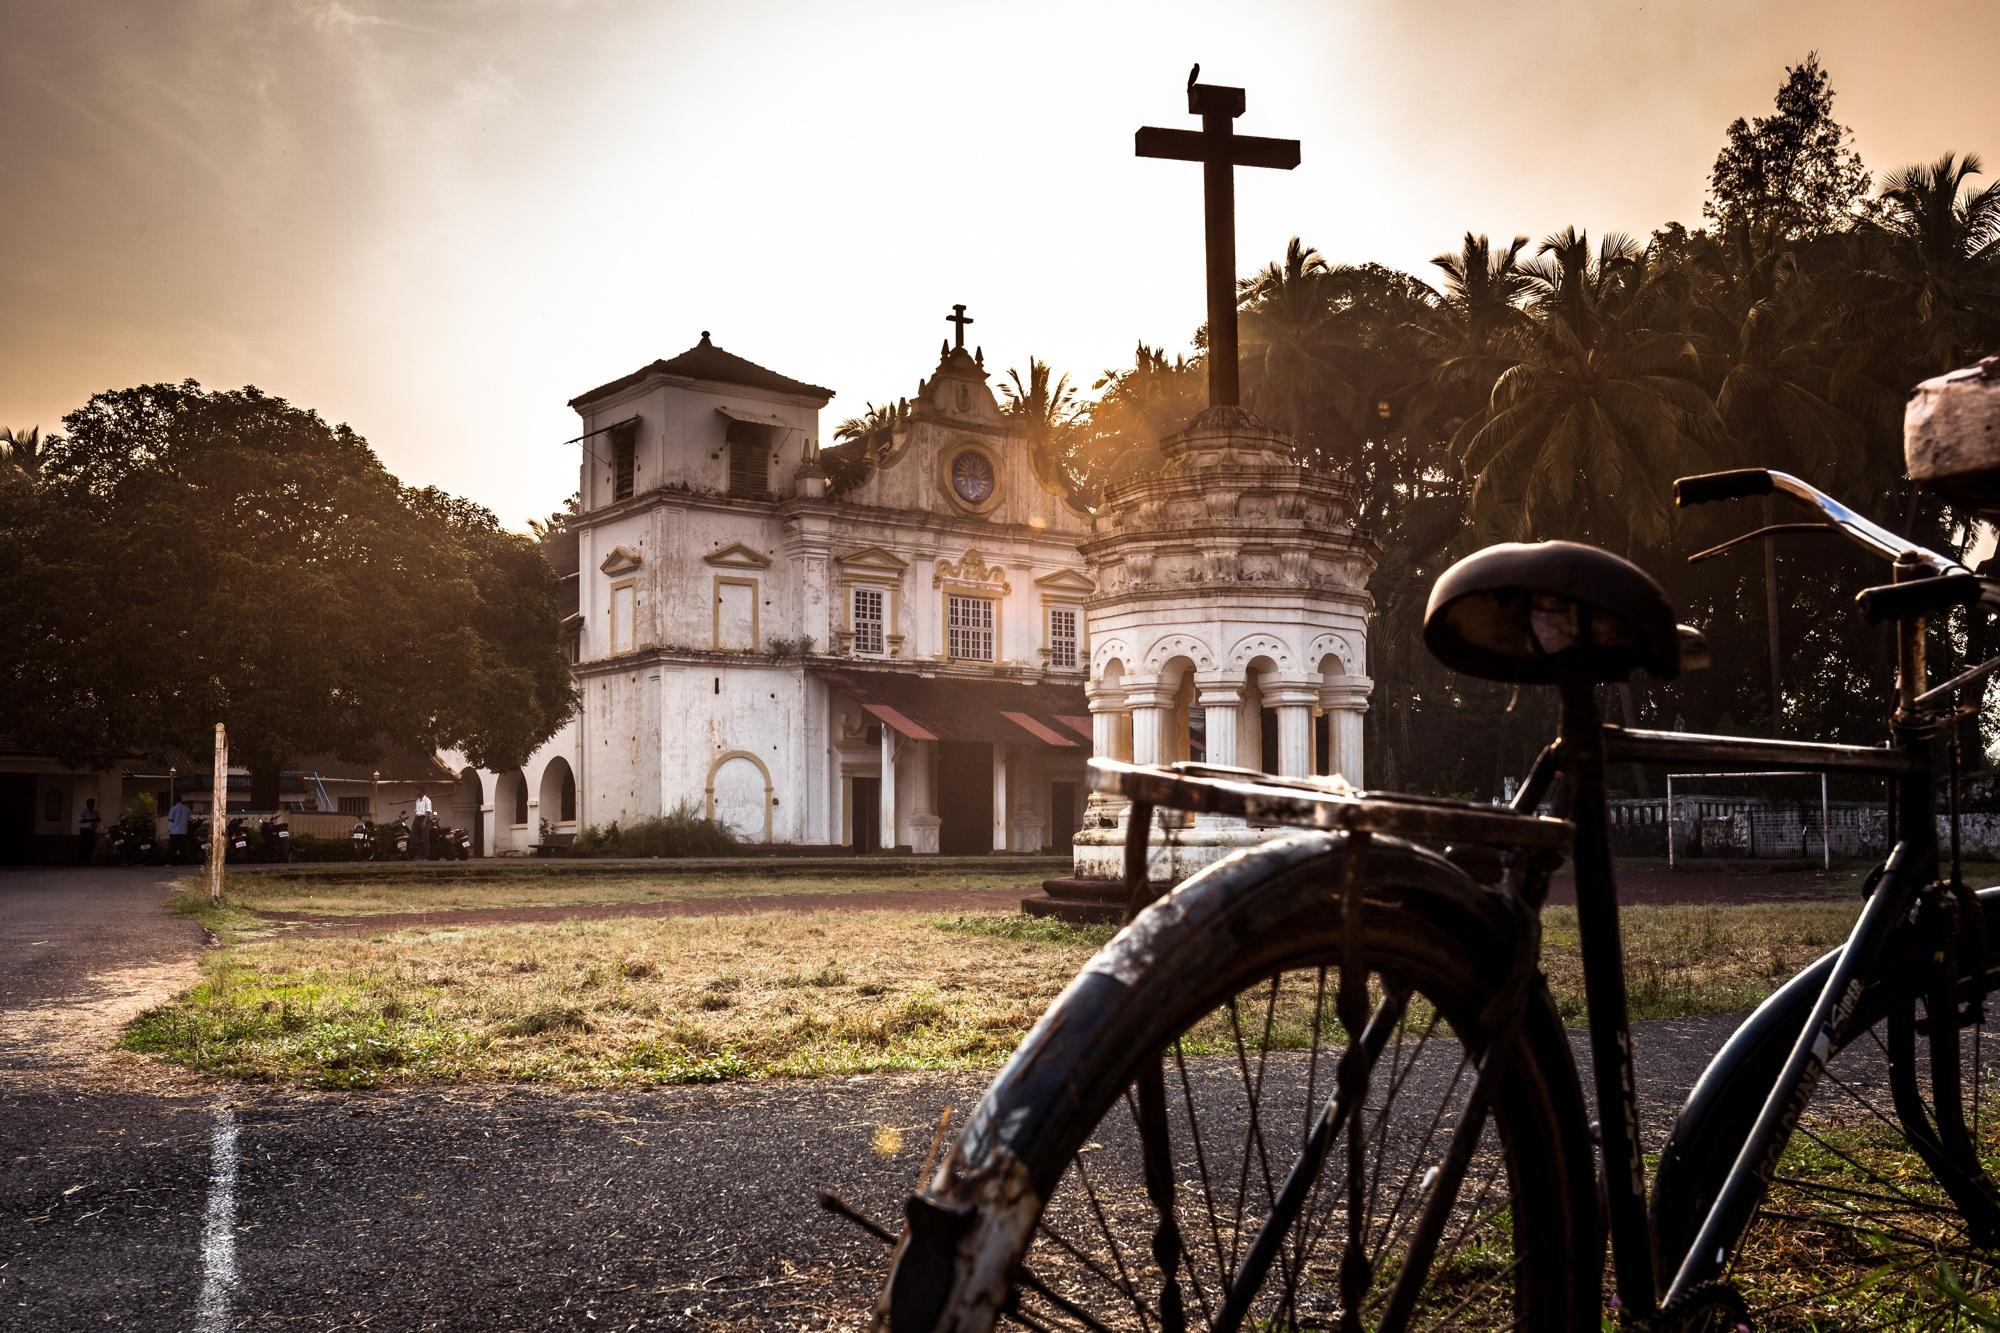 009 - Igreja da Nossa Senhora de Neves (The church of Our Lady of Snows), Rachol.jpg